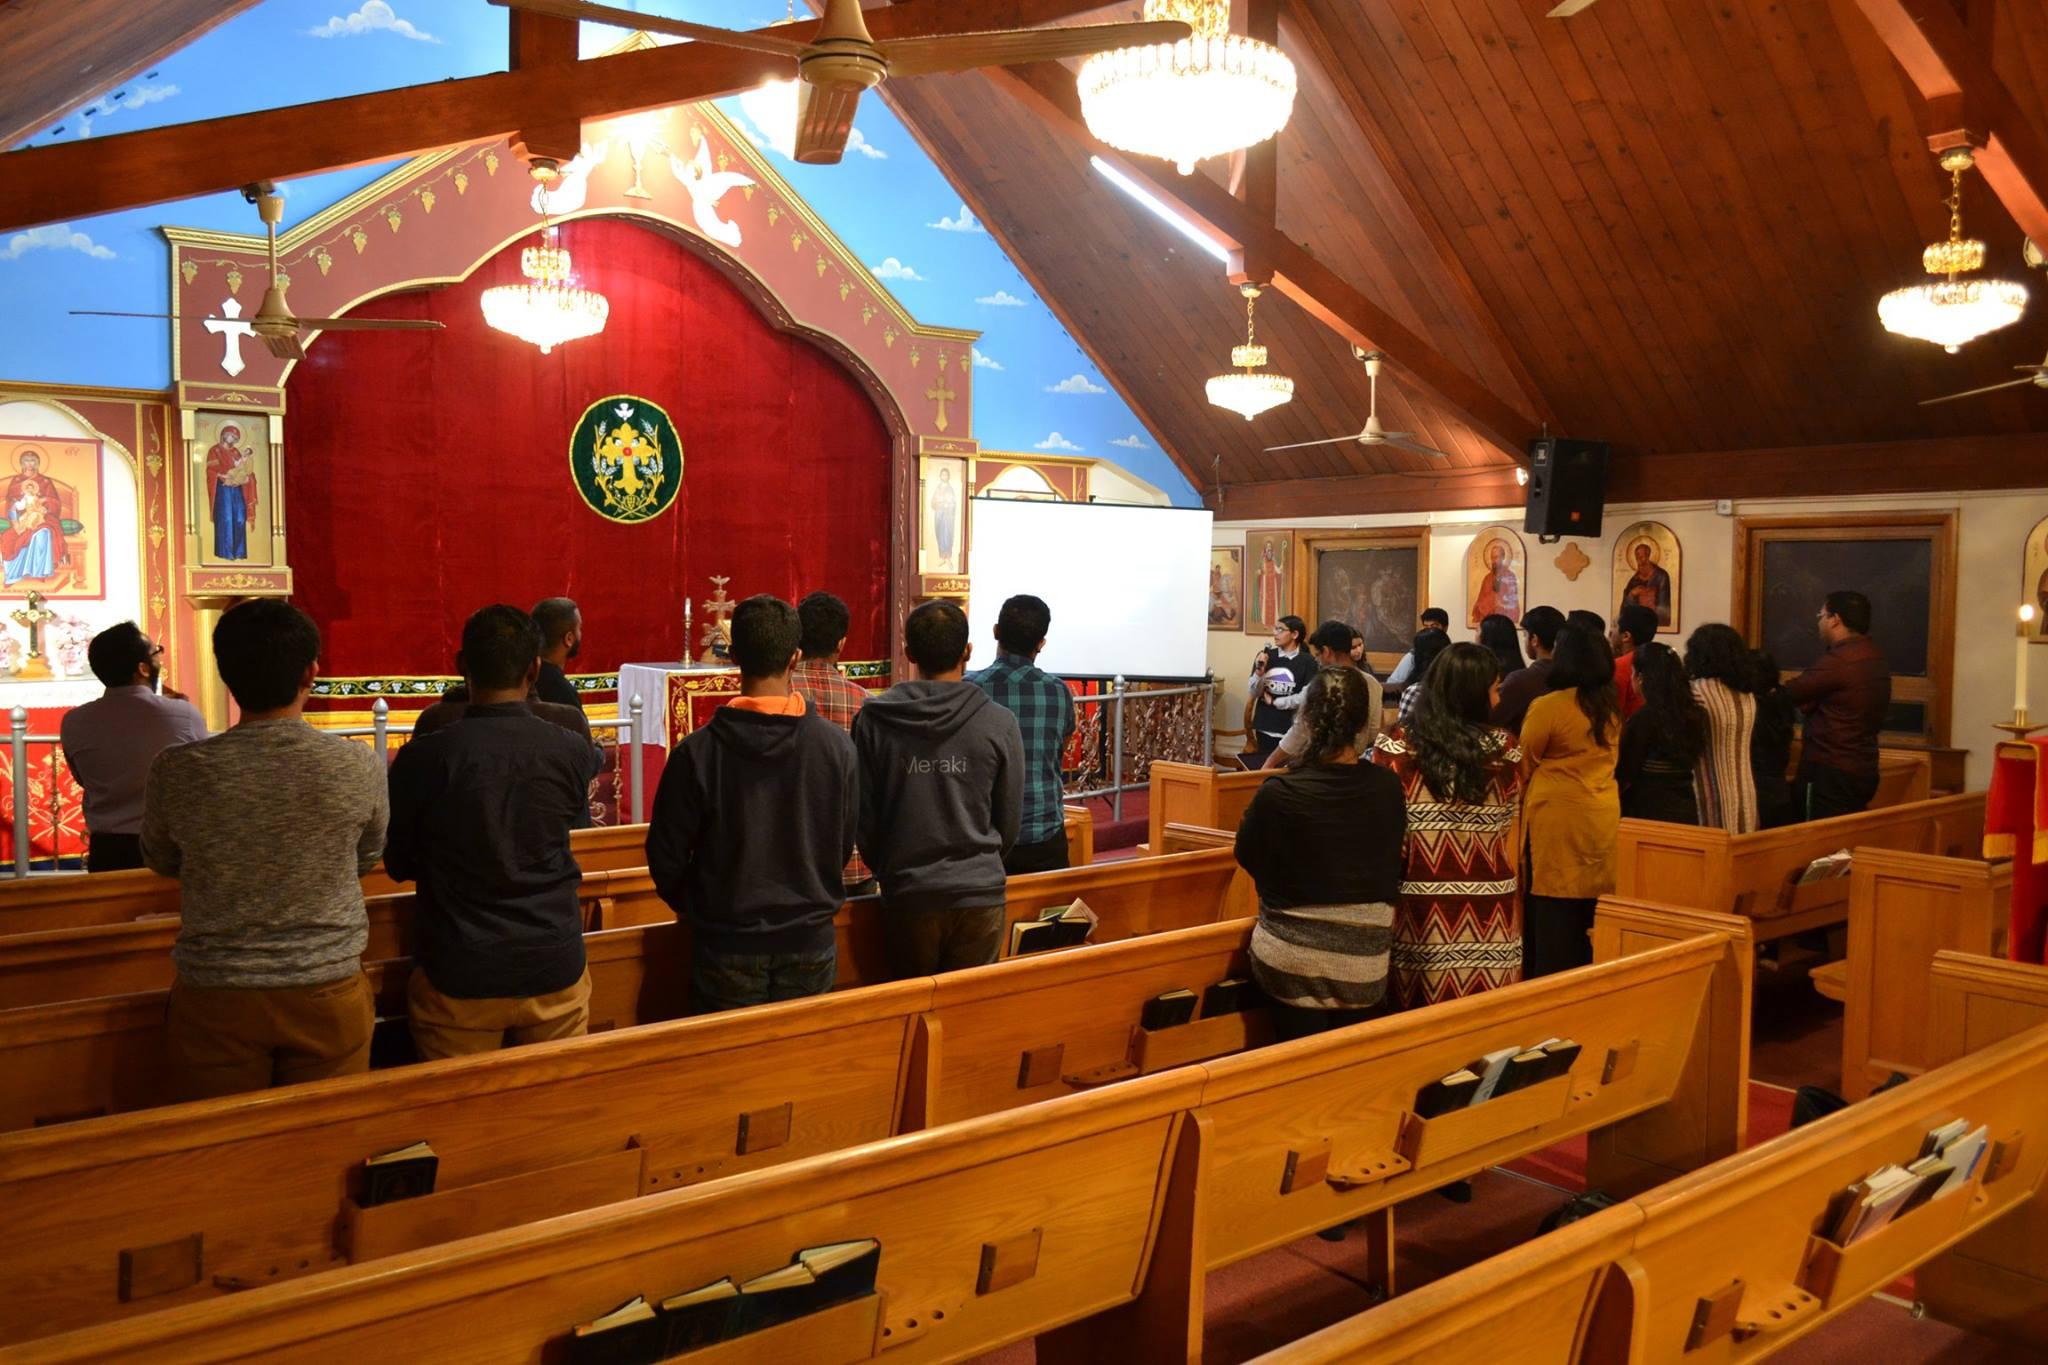 Youth Lenten Retreat at St Marys Orthodox Church, Oak Lawn on Mar 25th, 2017